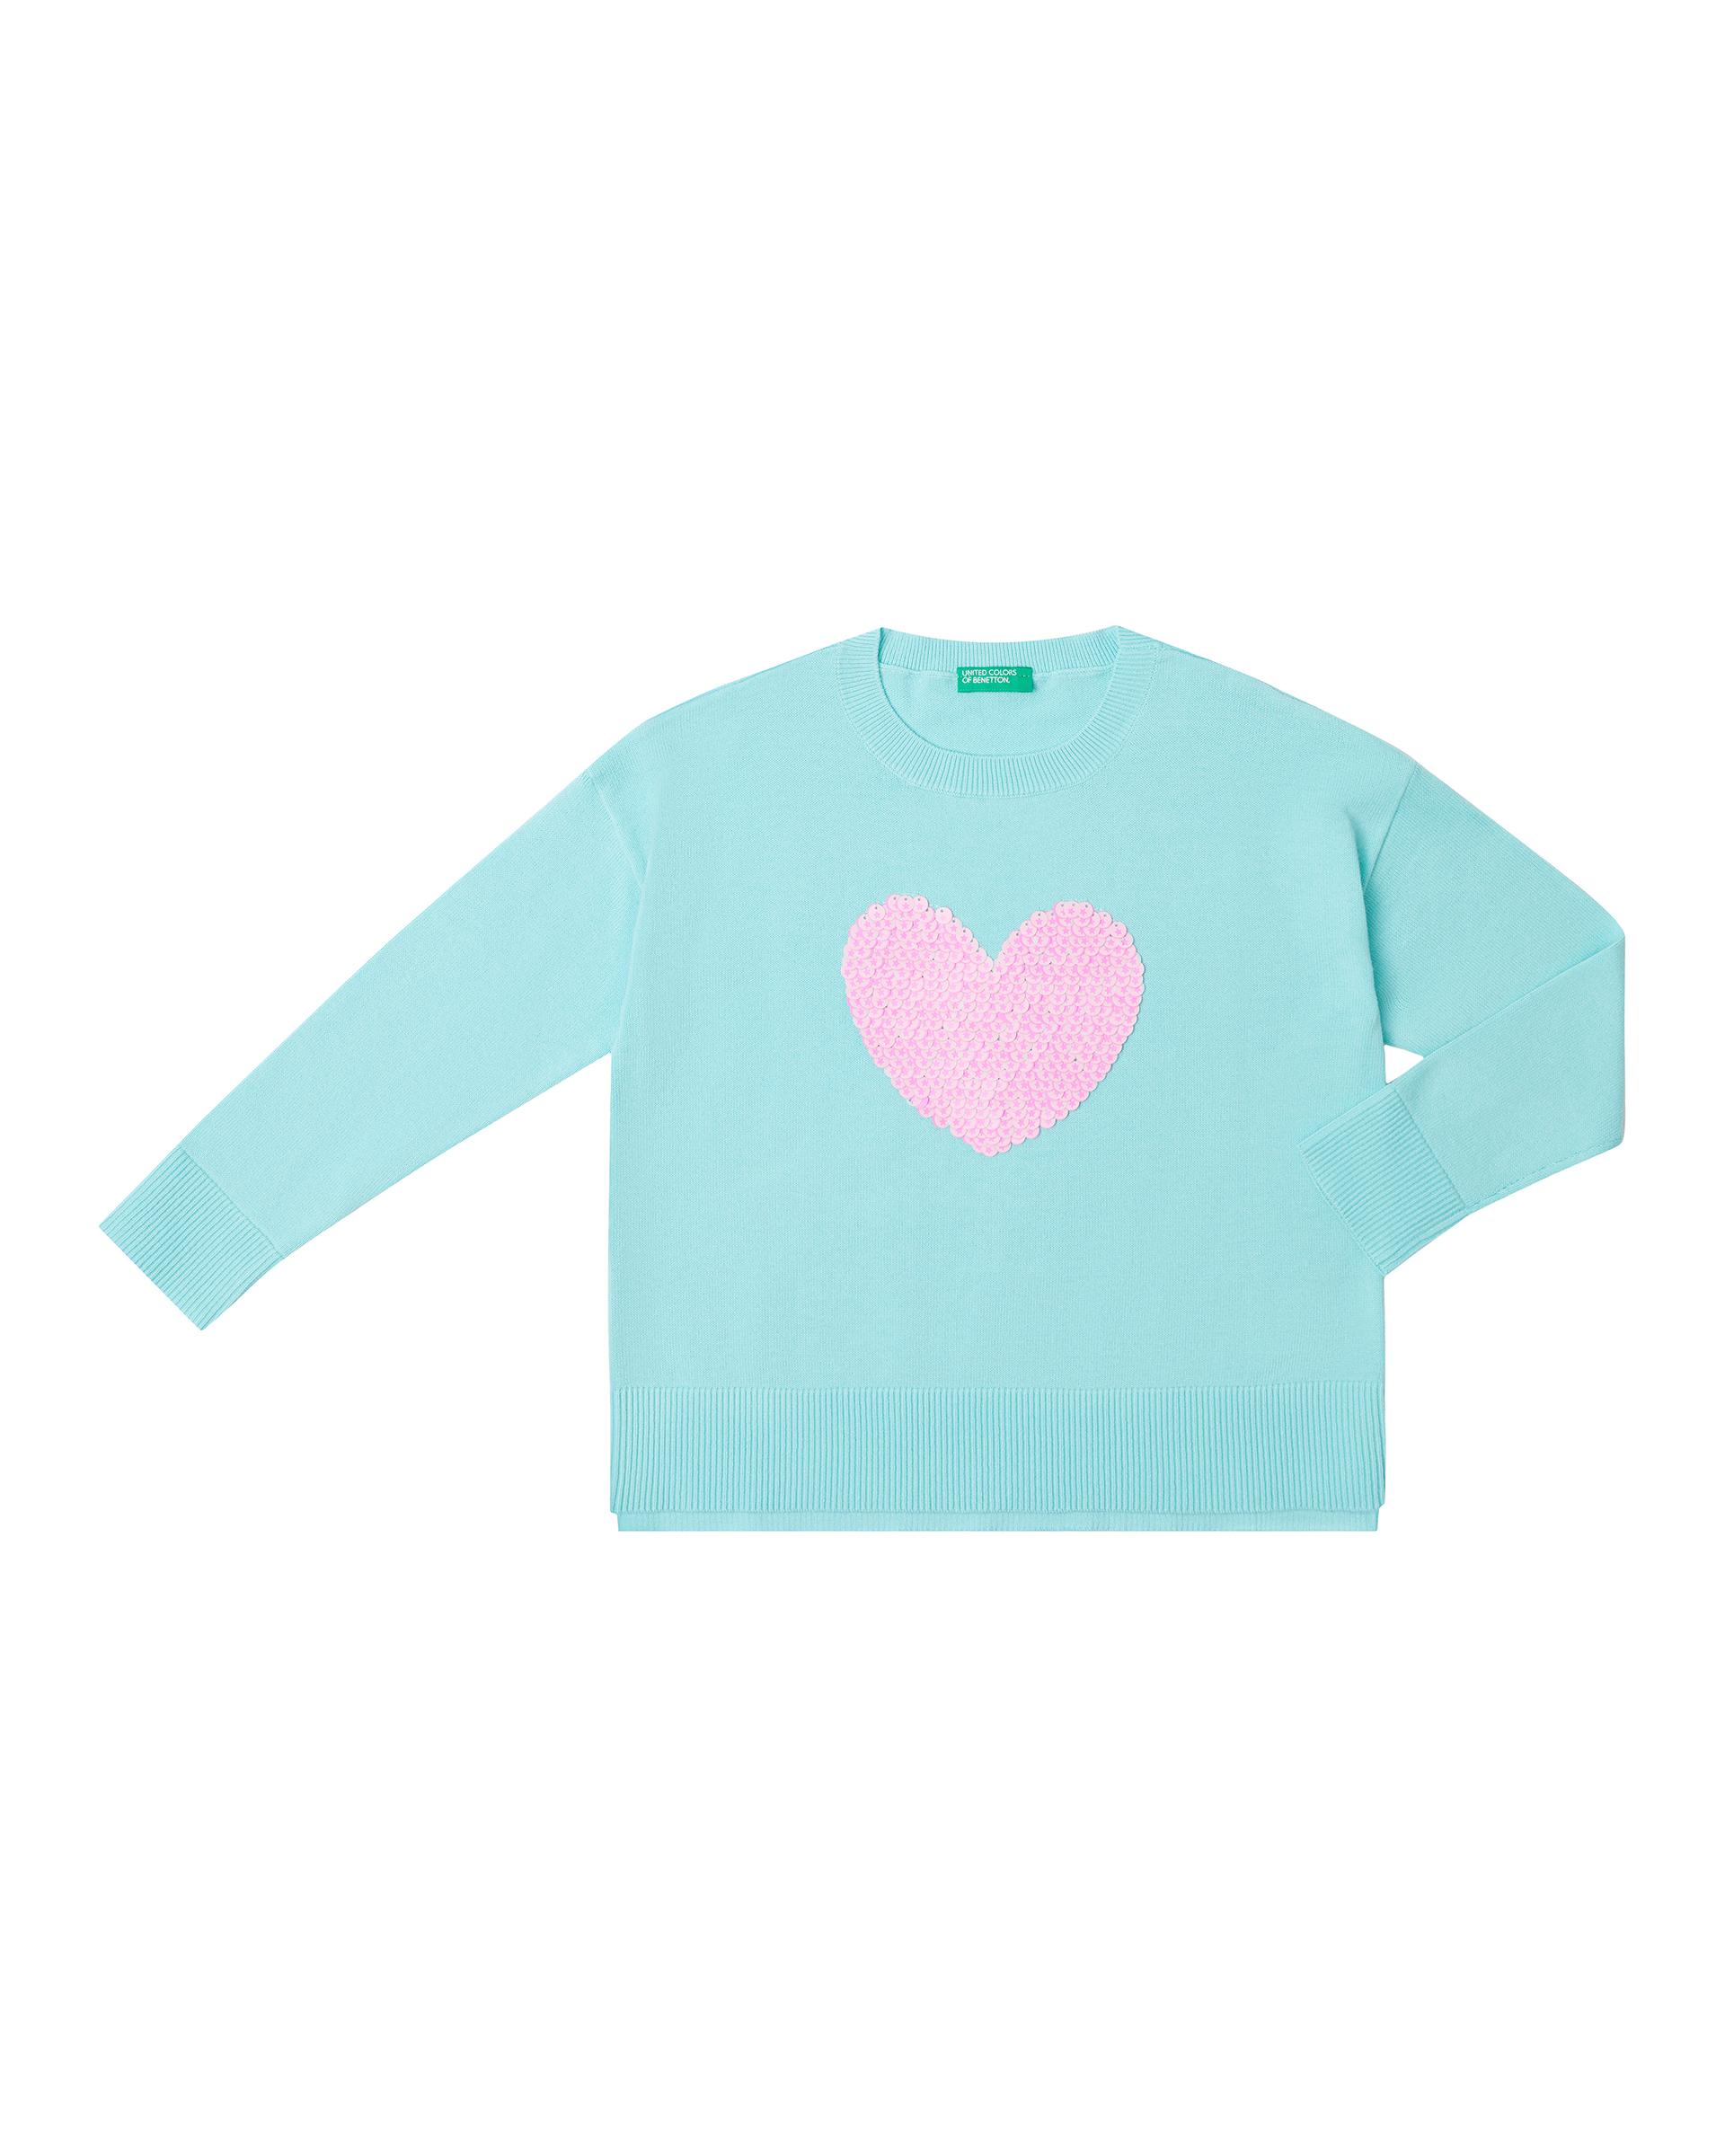 Купить 20P_10C1C1906_920, Джемпер для девочек Benetton 10C1C1906_920 р-р 158, United Colors of Benetton, Джемперы для девочек